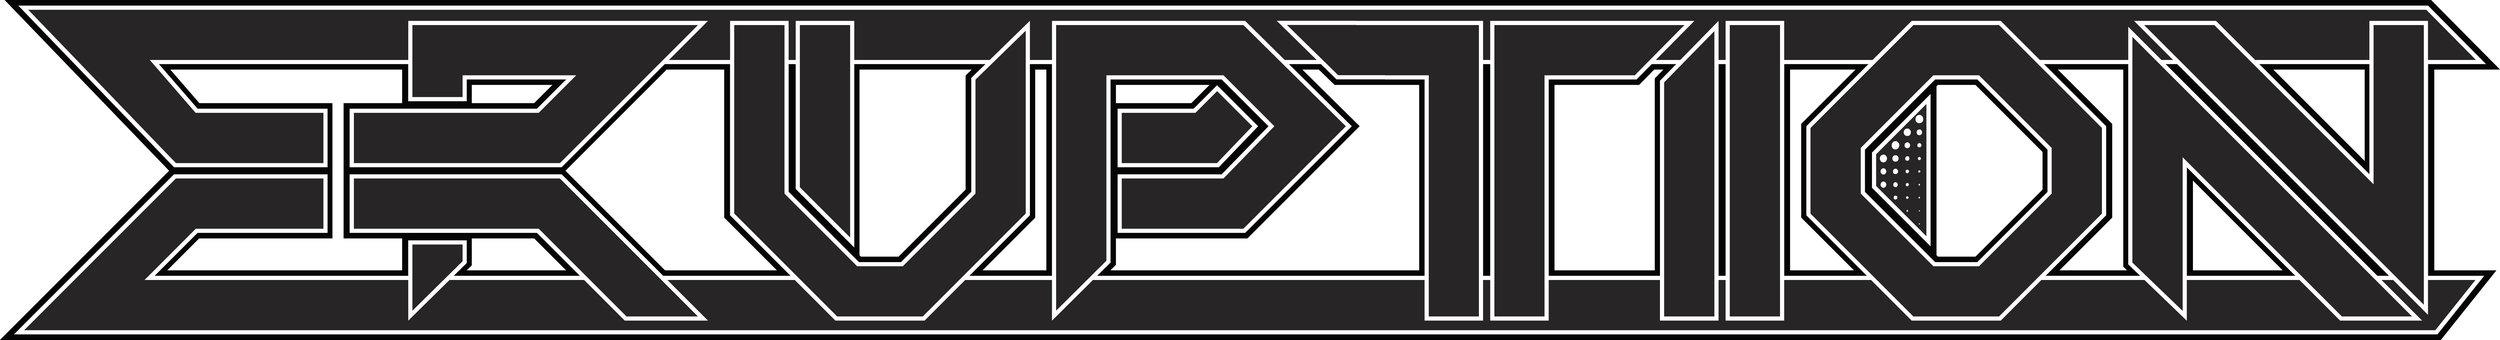 logo band design logotipo marchio milano